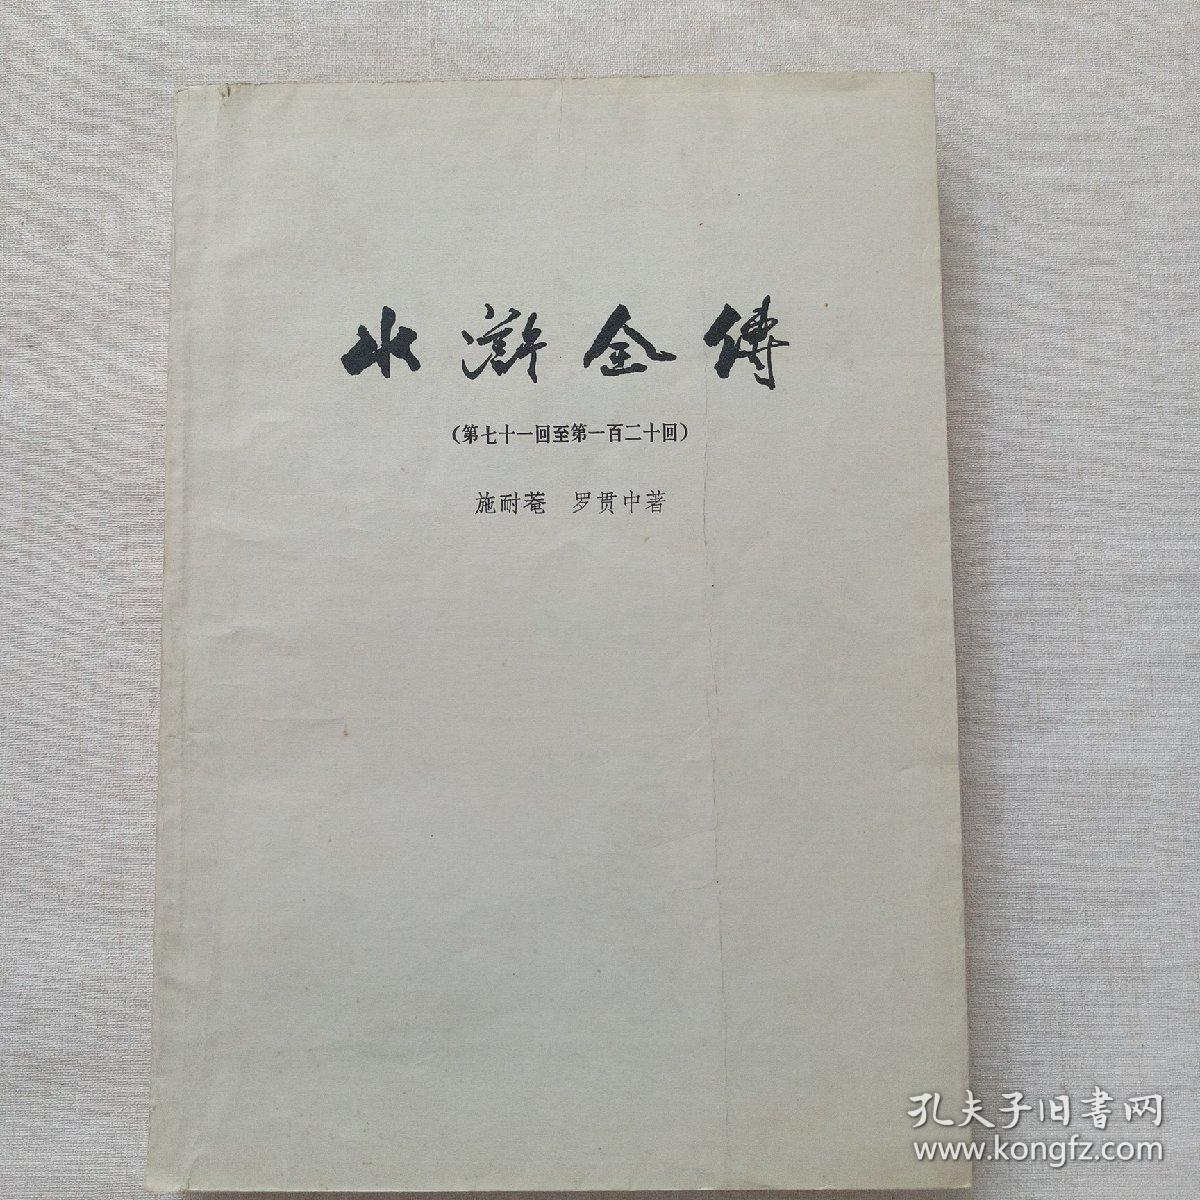 水浒全传(第七十一回至一百二十回)